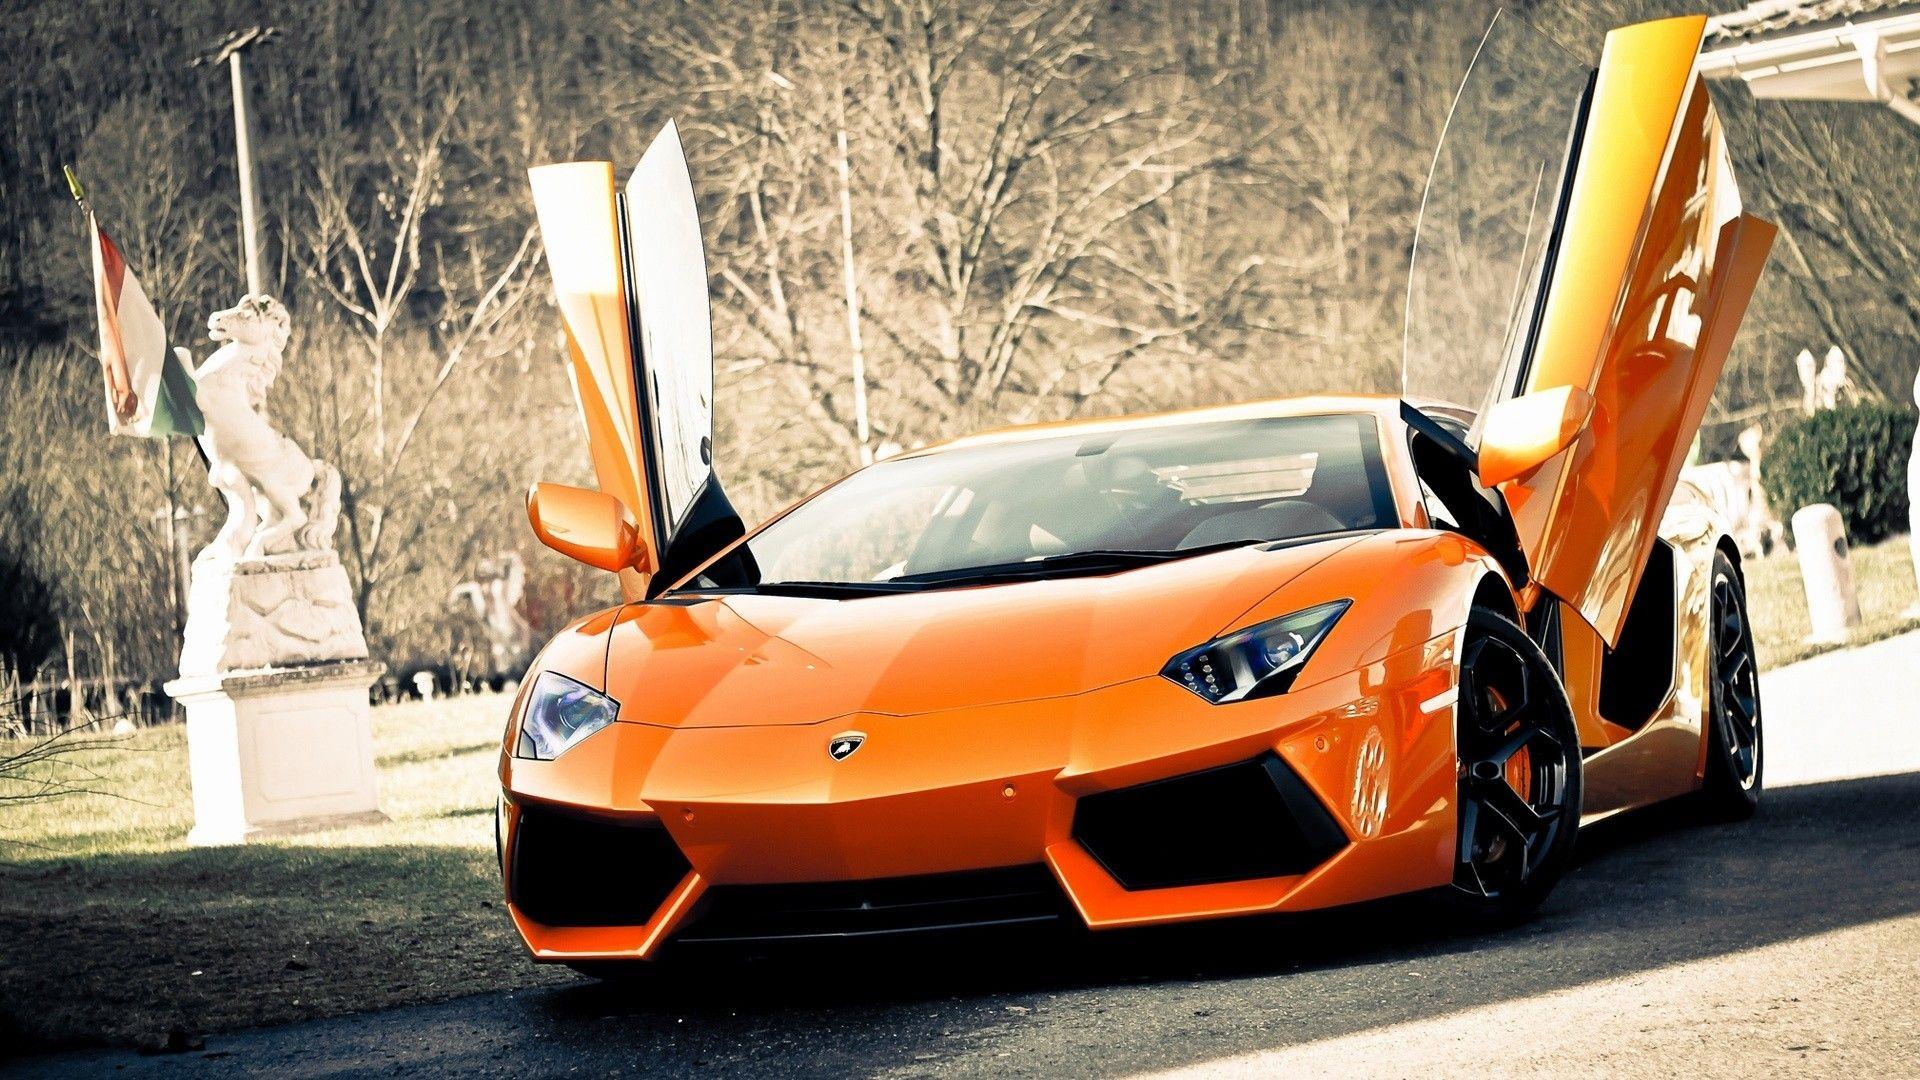 new lamborghini aventador sports cars hd wallpaper | bull